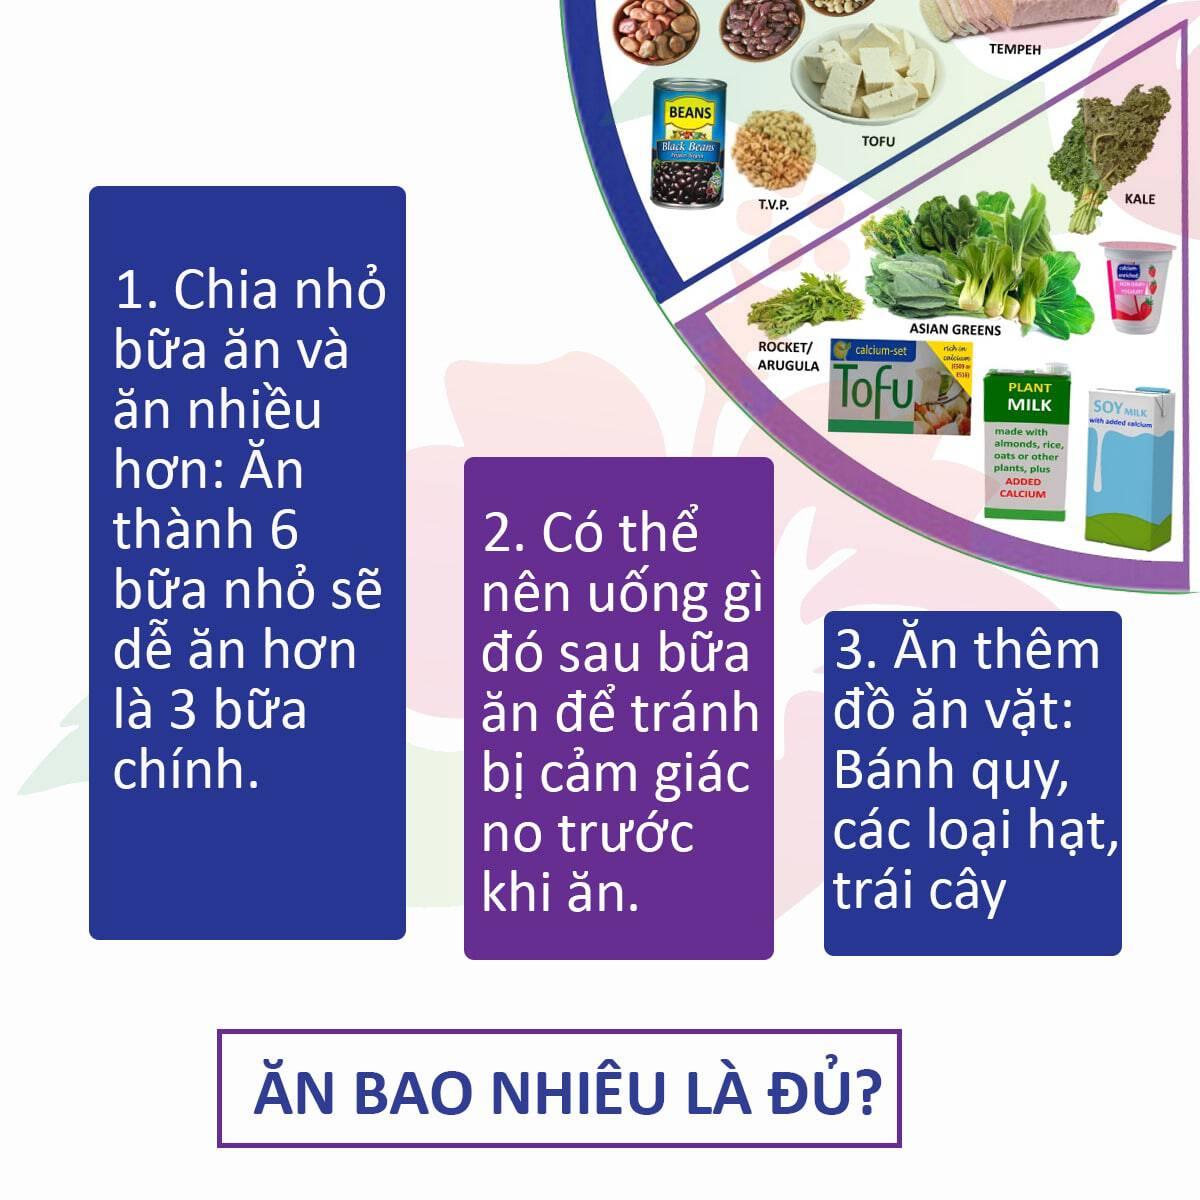 dinh-duong-tot-cho-vet-thuong-chong-lanh-3